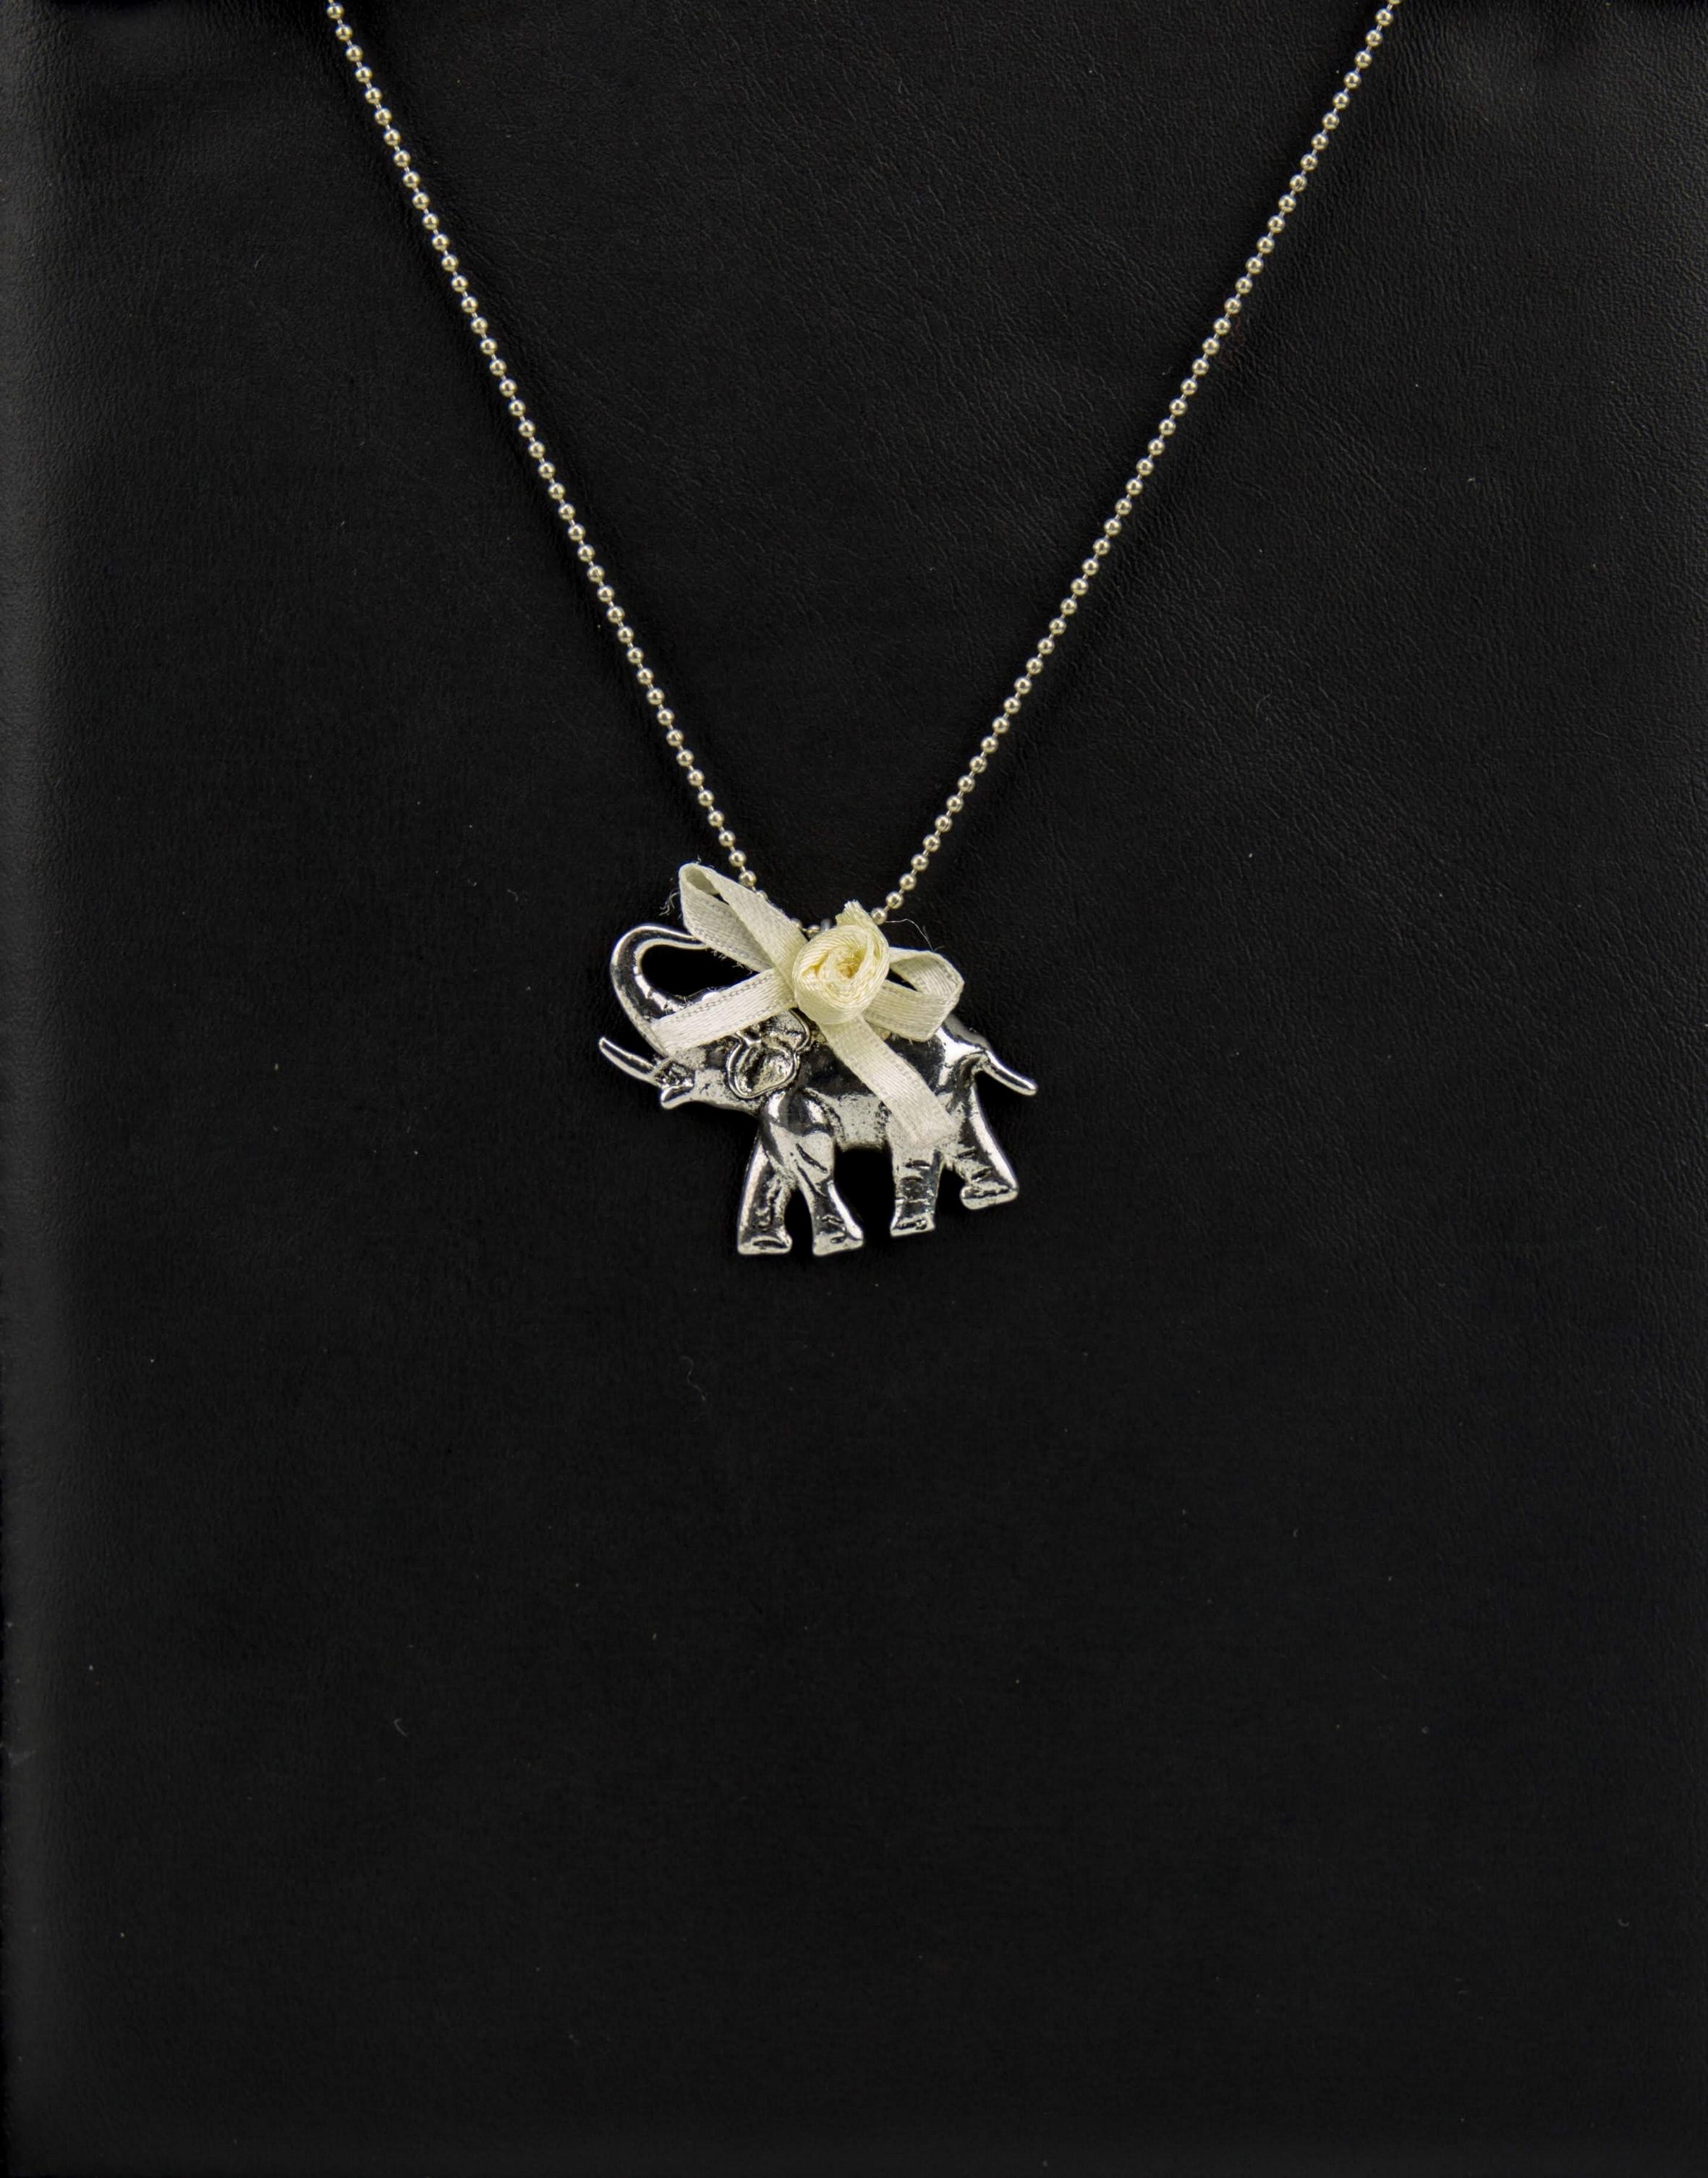 Colar amuleto elefante (1)